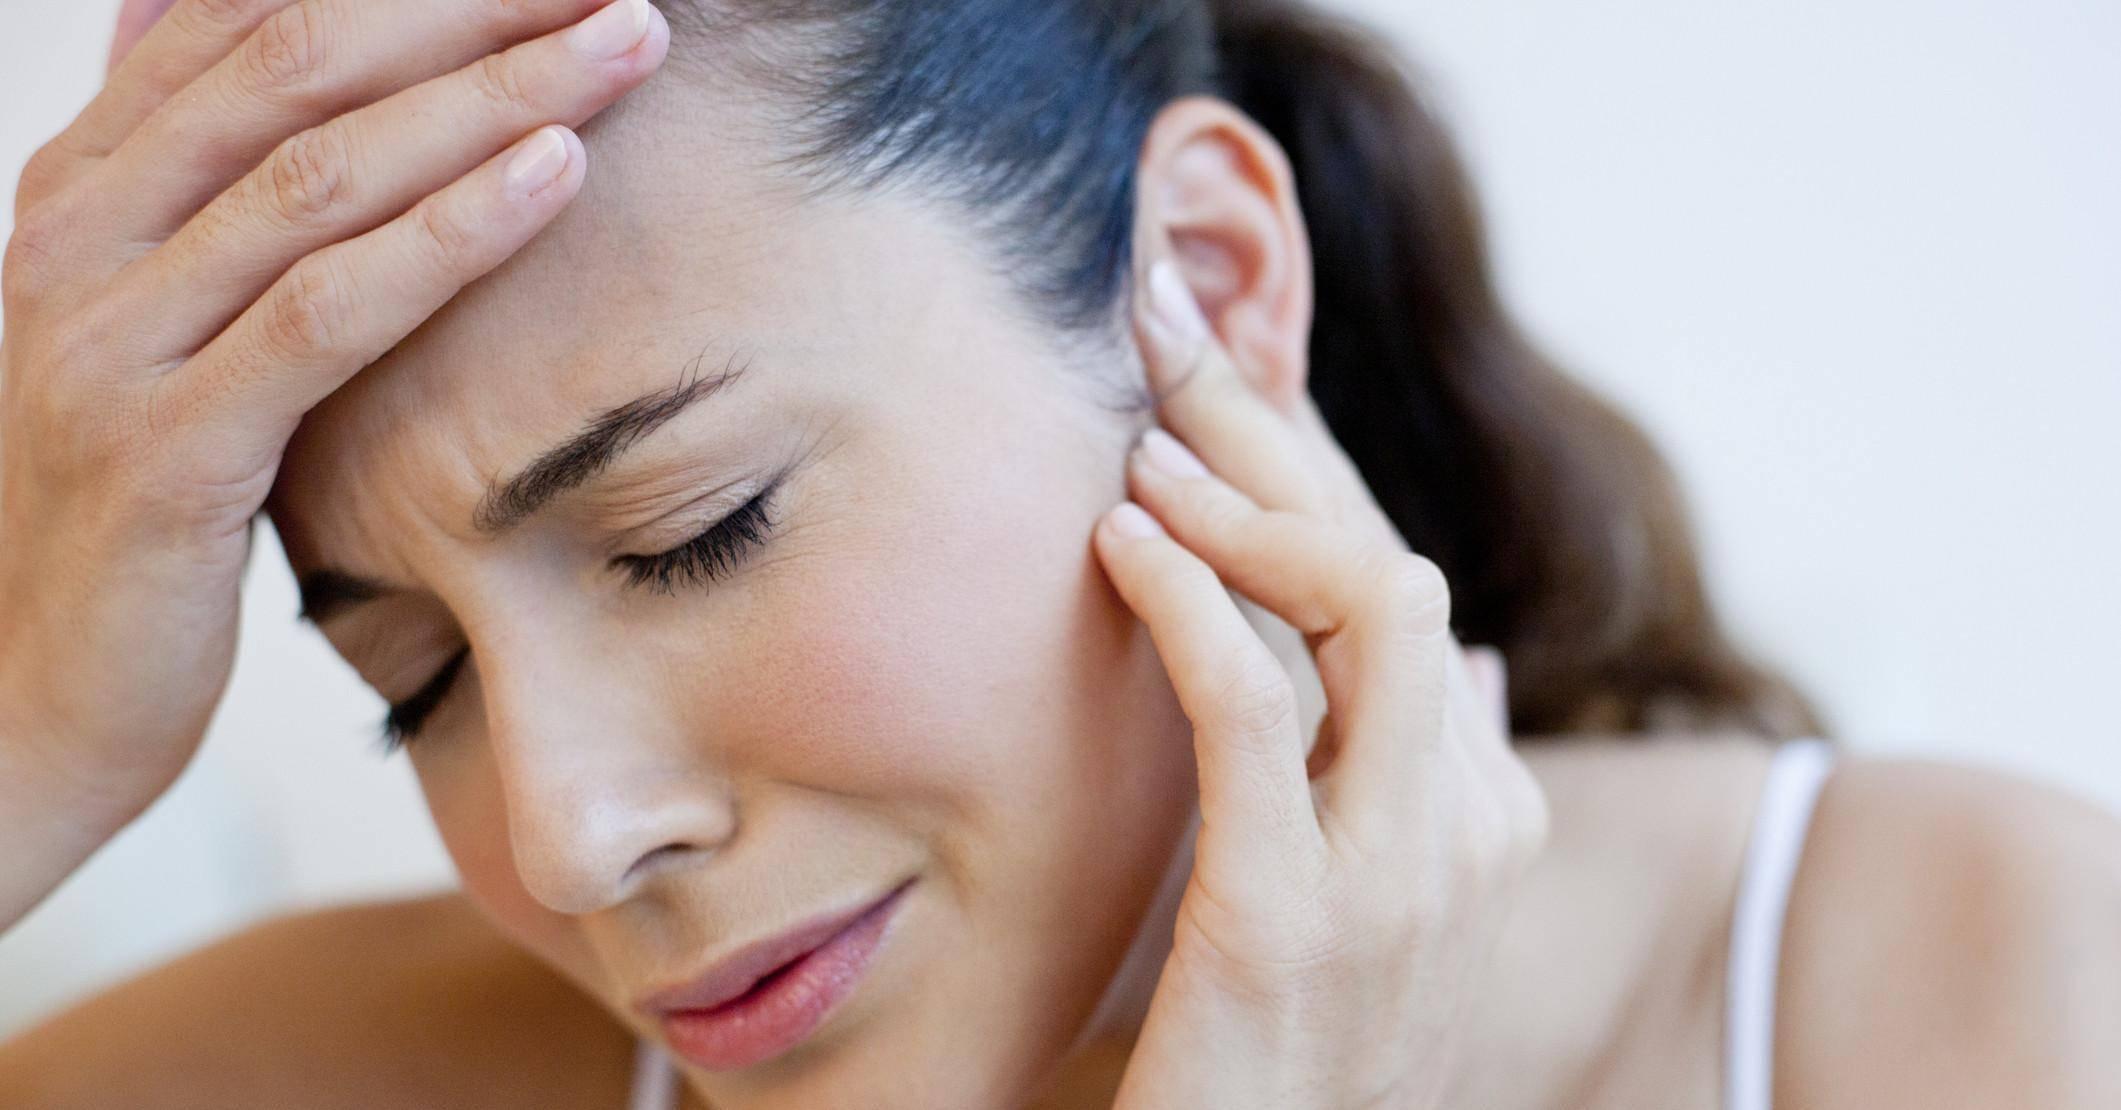 Камфорное масло для ушей: инструкция по применению, можно ли капать, делать компрессы при отите